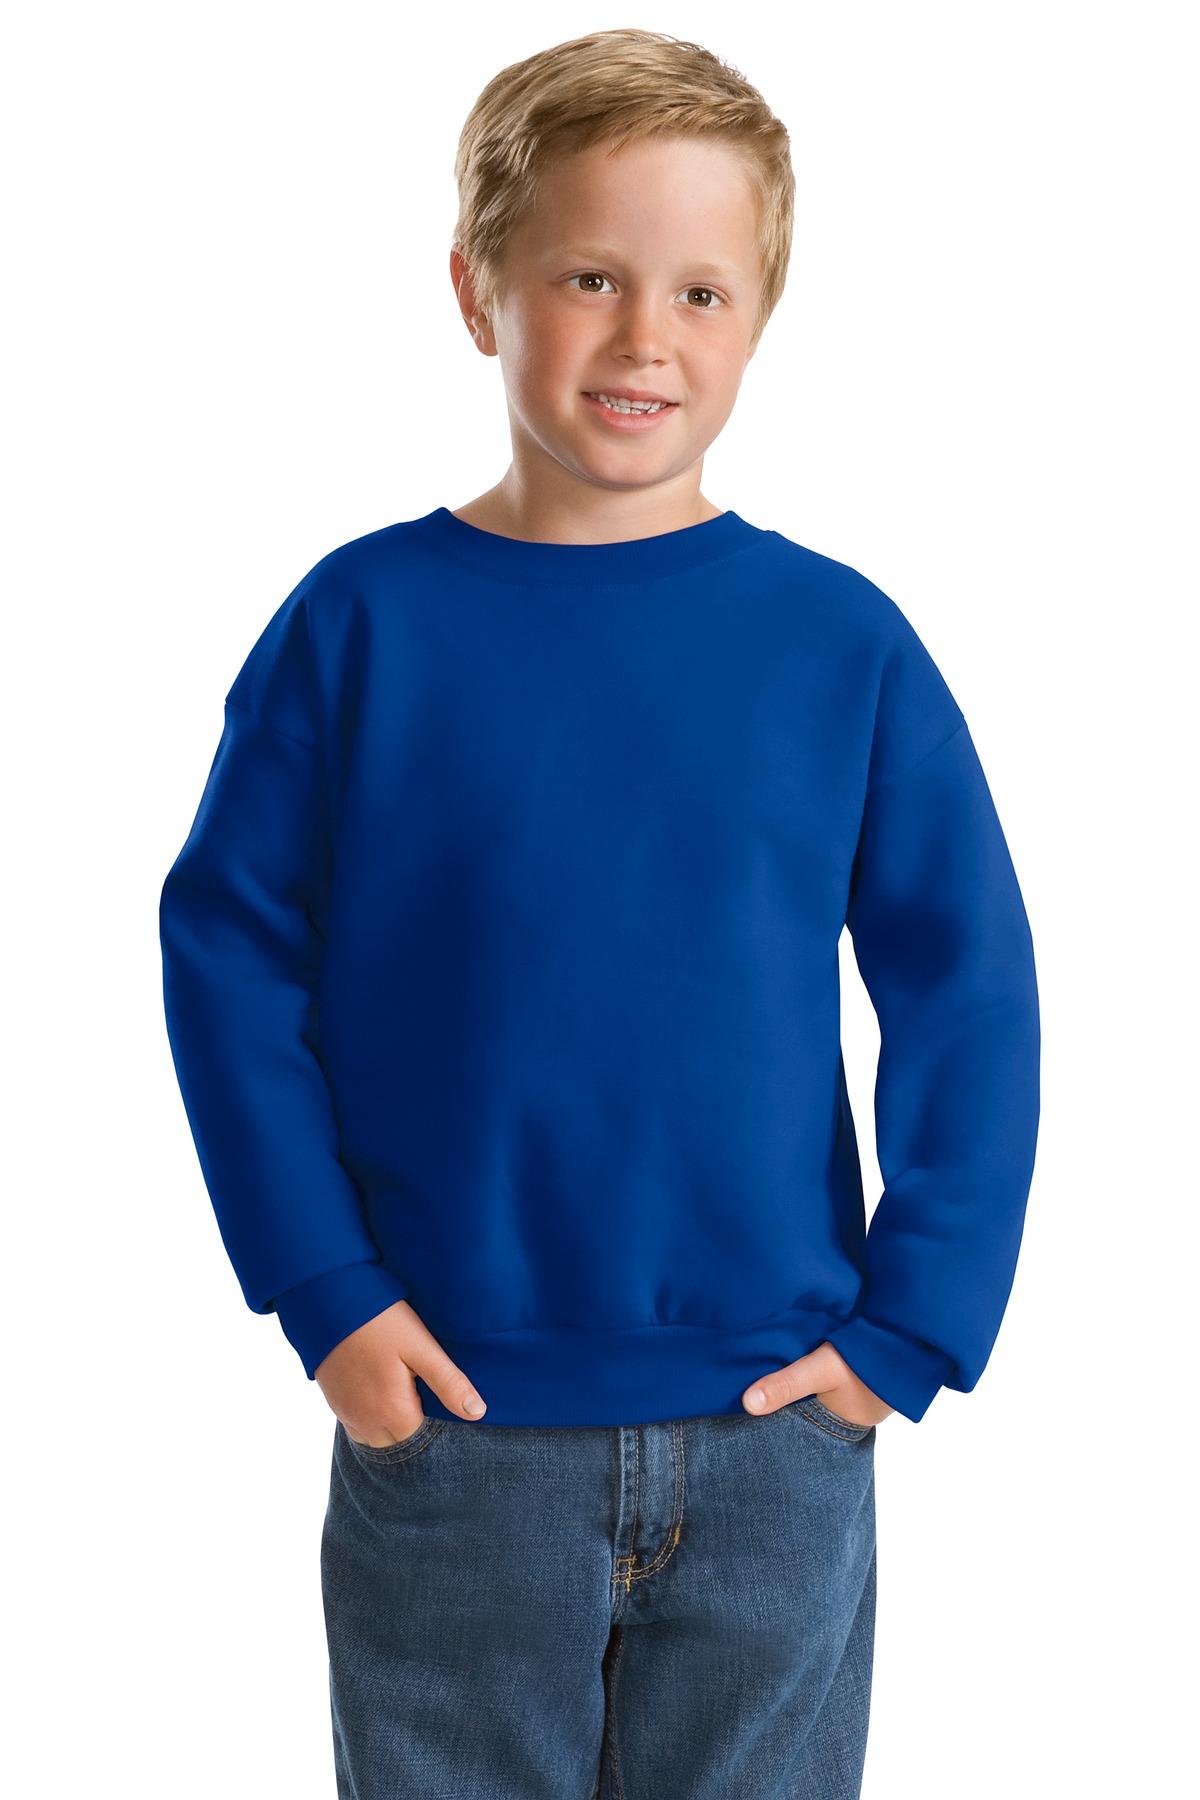 Sweatshirts-Fleece-Crew-Necks-16